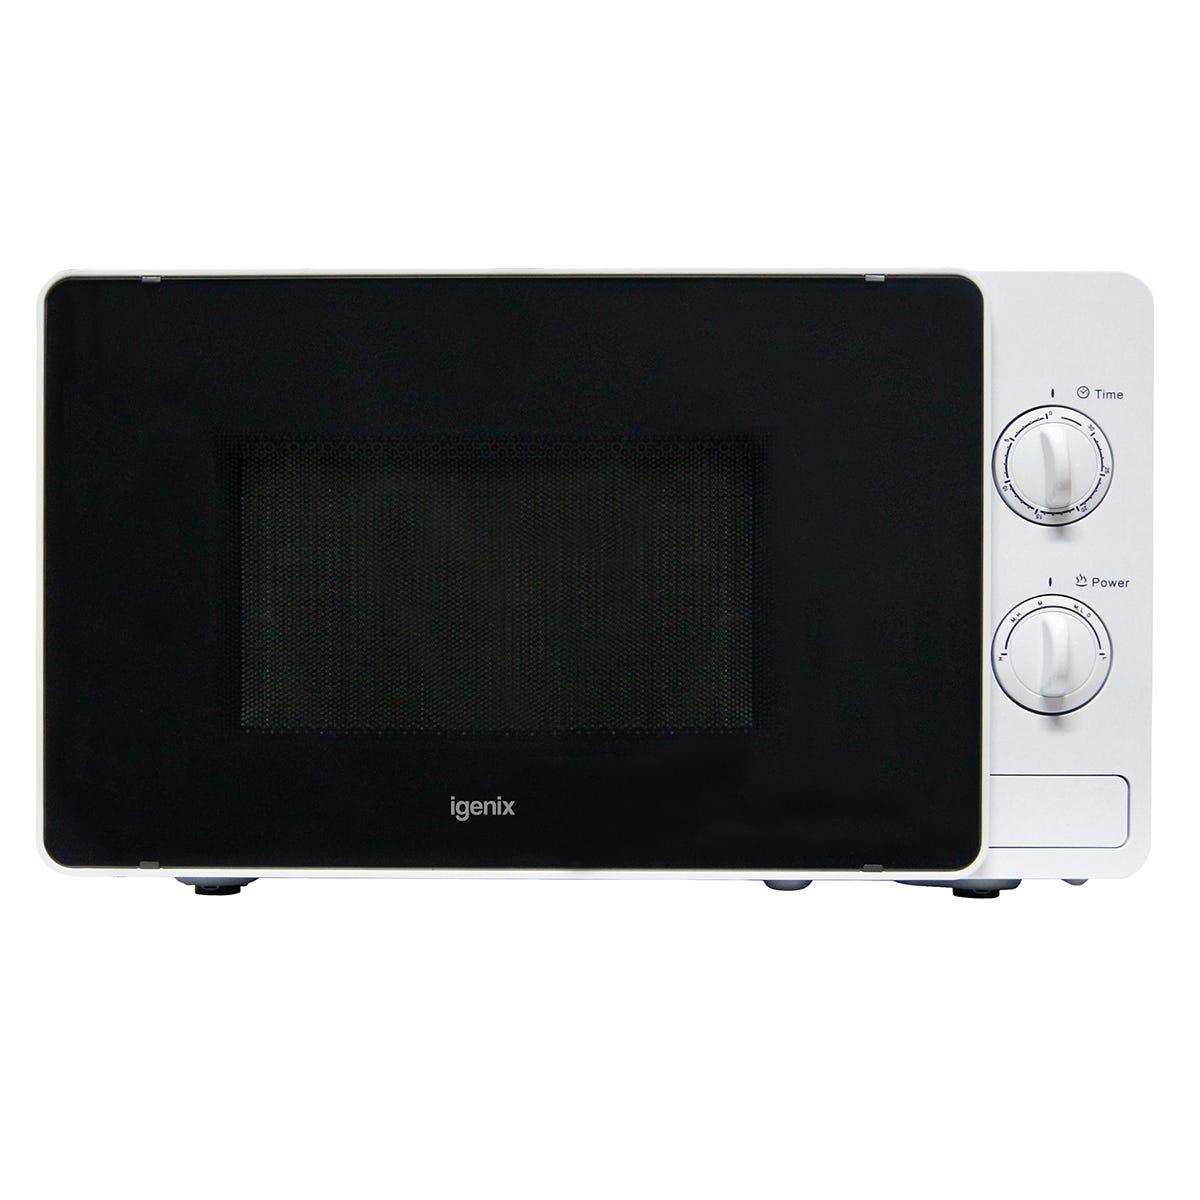 Igenix IG2081 20L 800W Manual Microwave - White